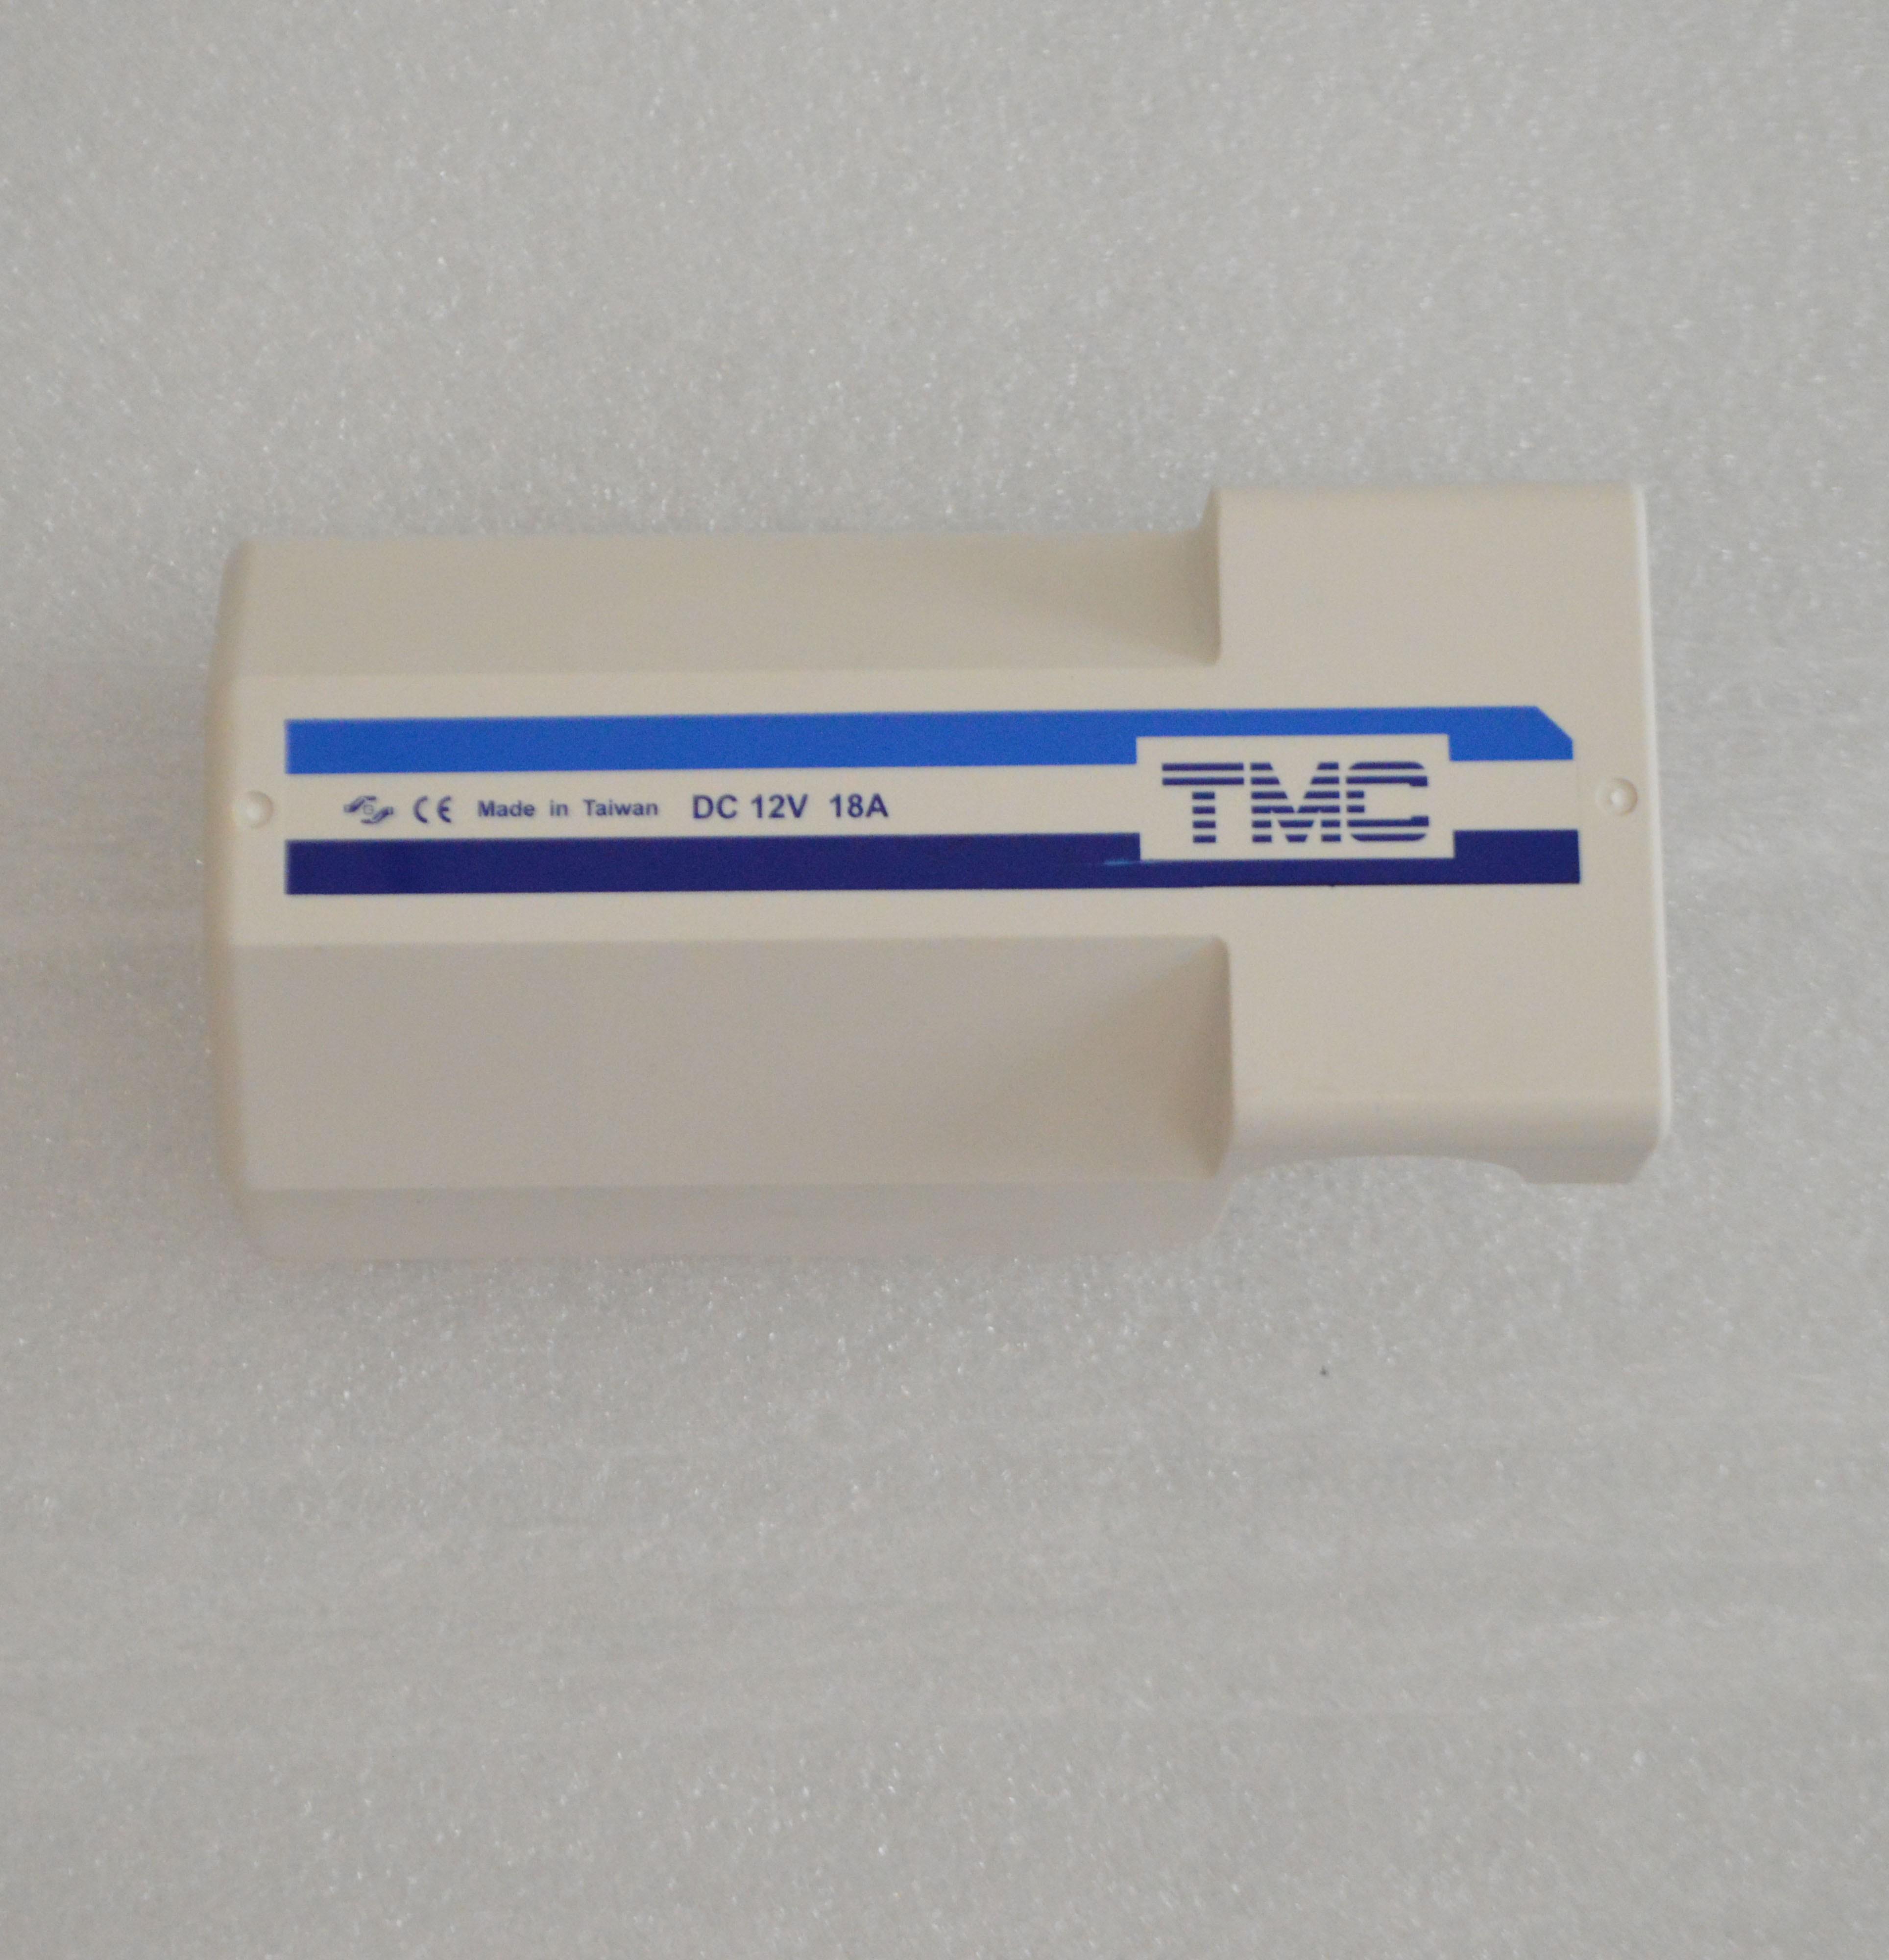 9.62 - Κάλυμμα Πλαστικό Για Ηλεκτρική Τουαλέτα